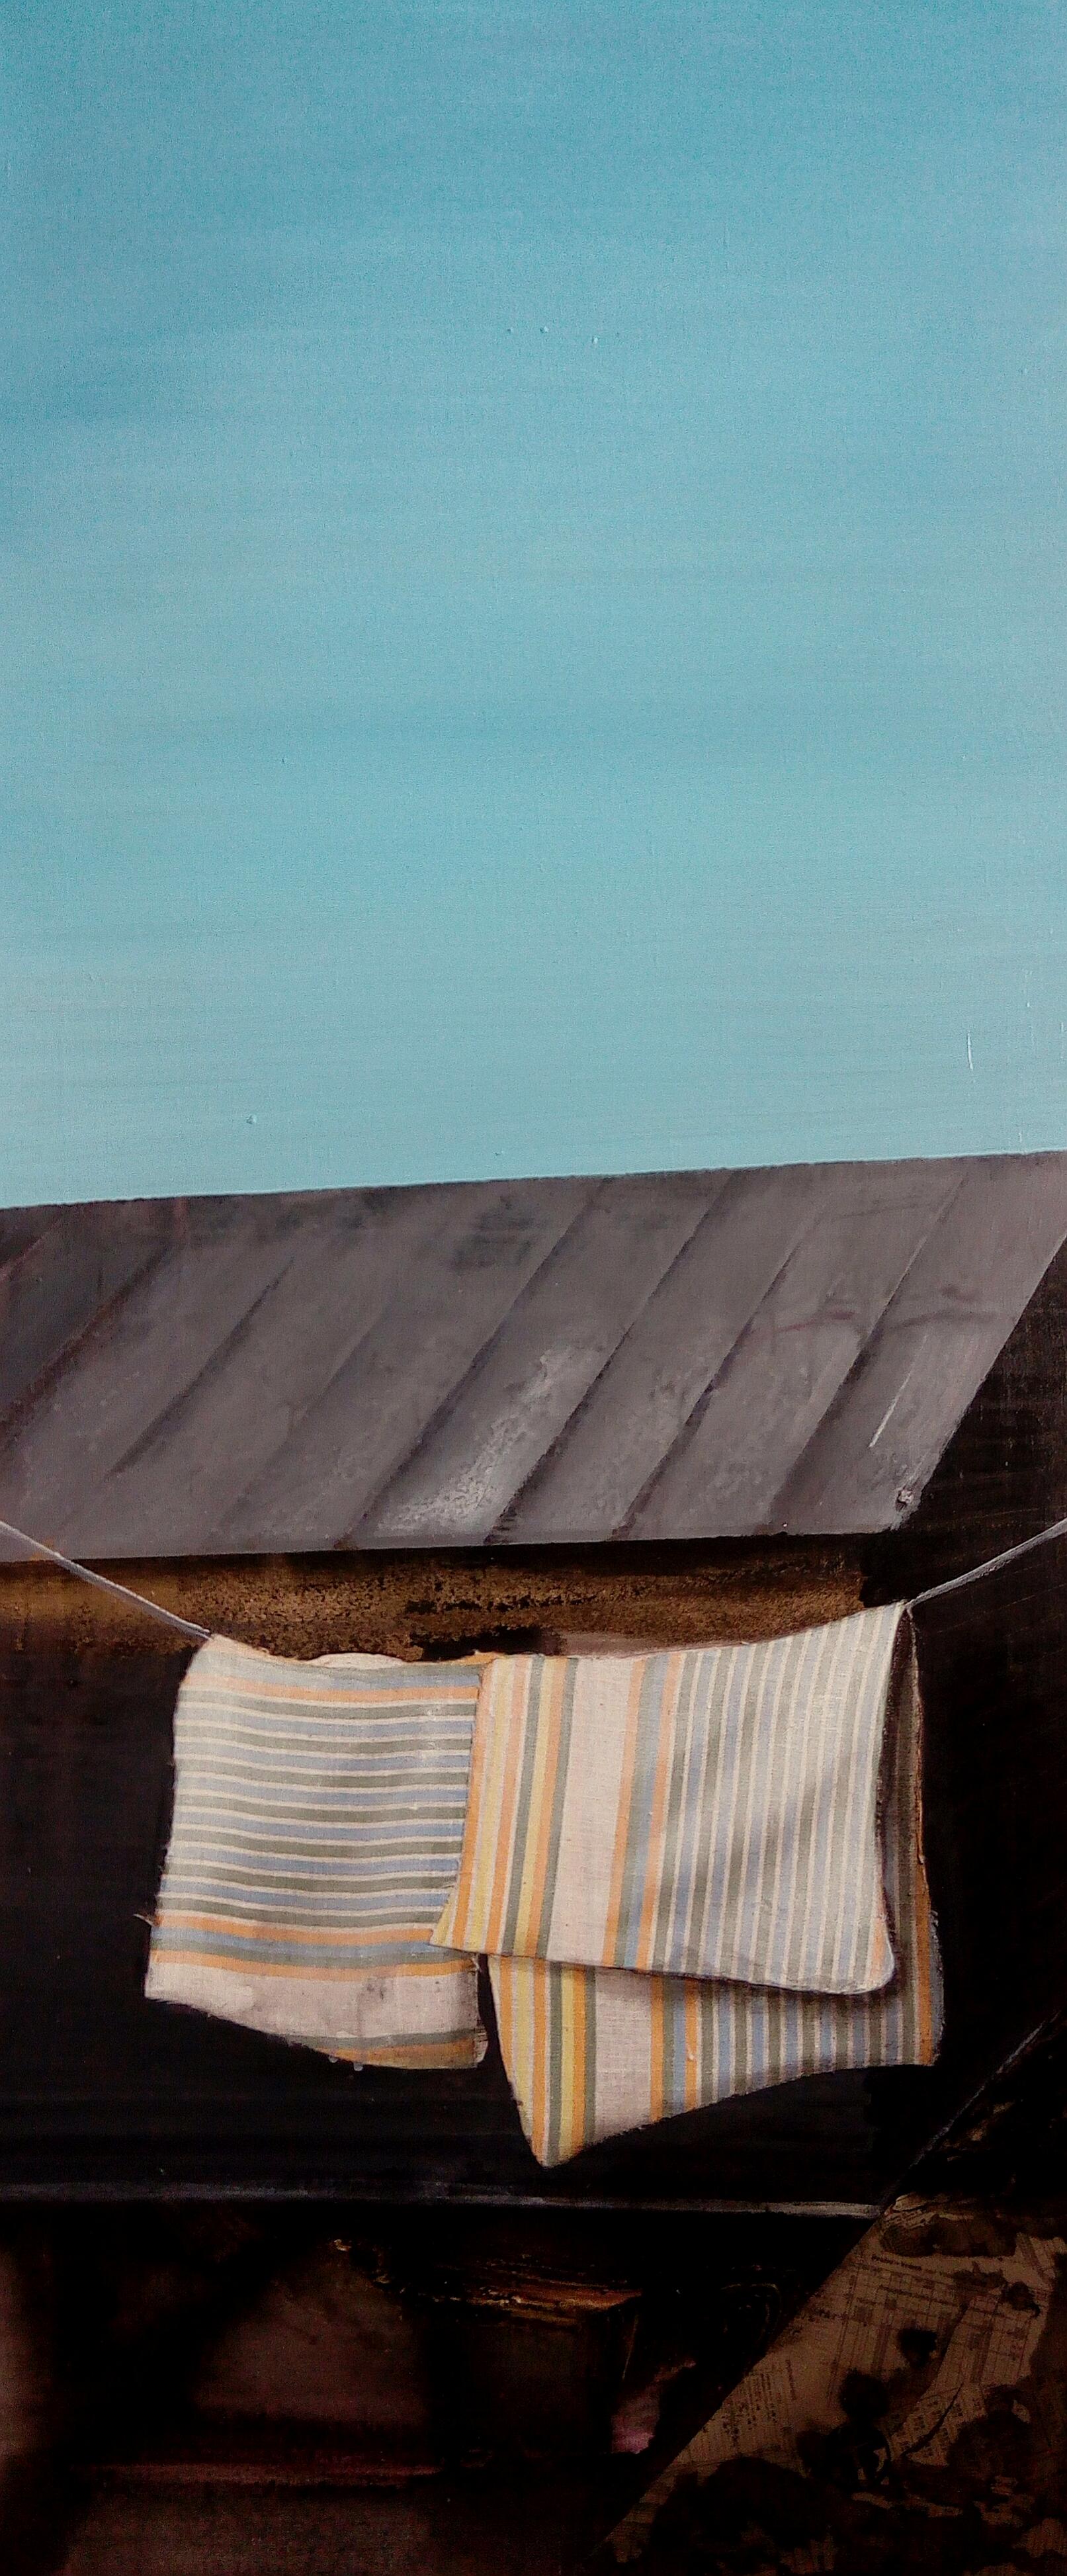 Na chatě - akryl a olej na plátně, 45 x 110 cm, 2017, soukromá sbírka